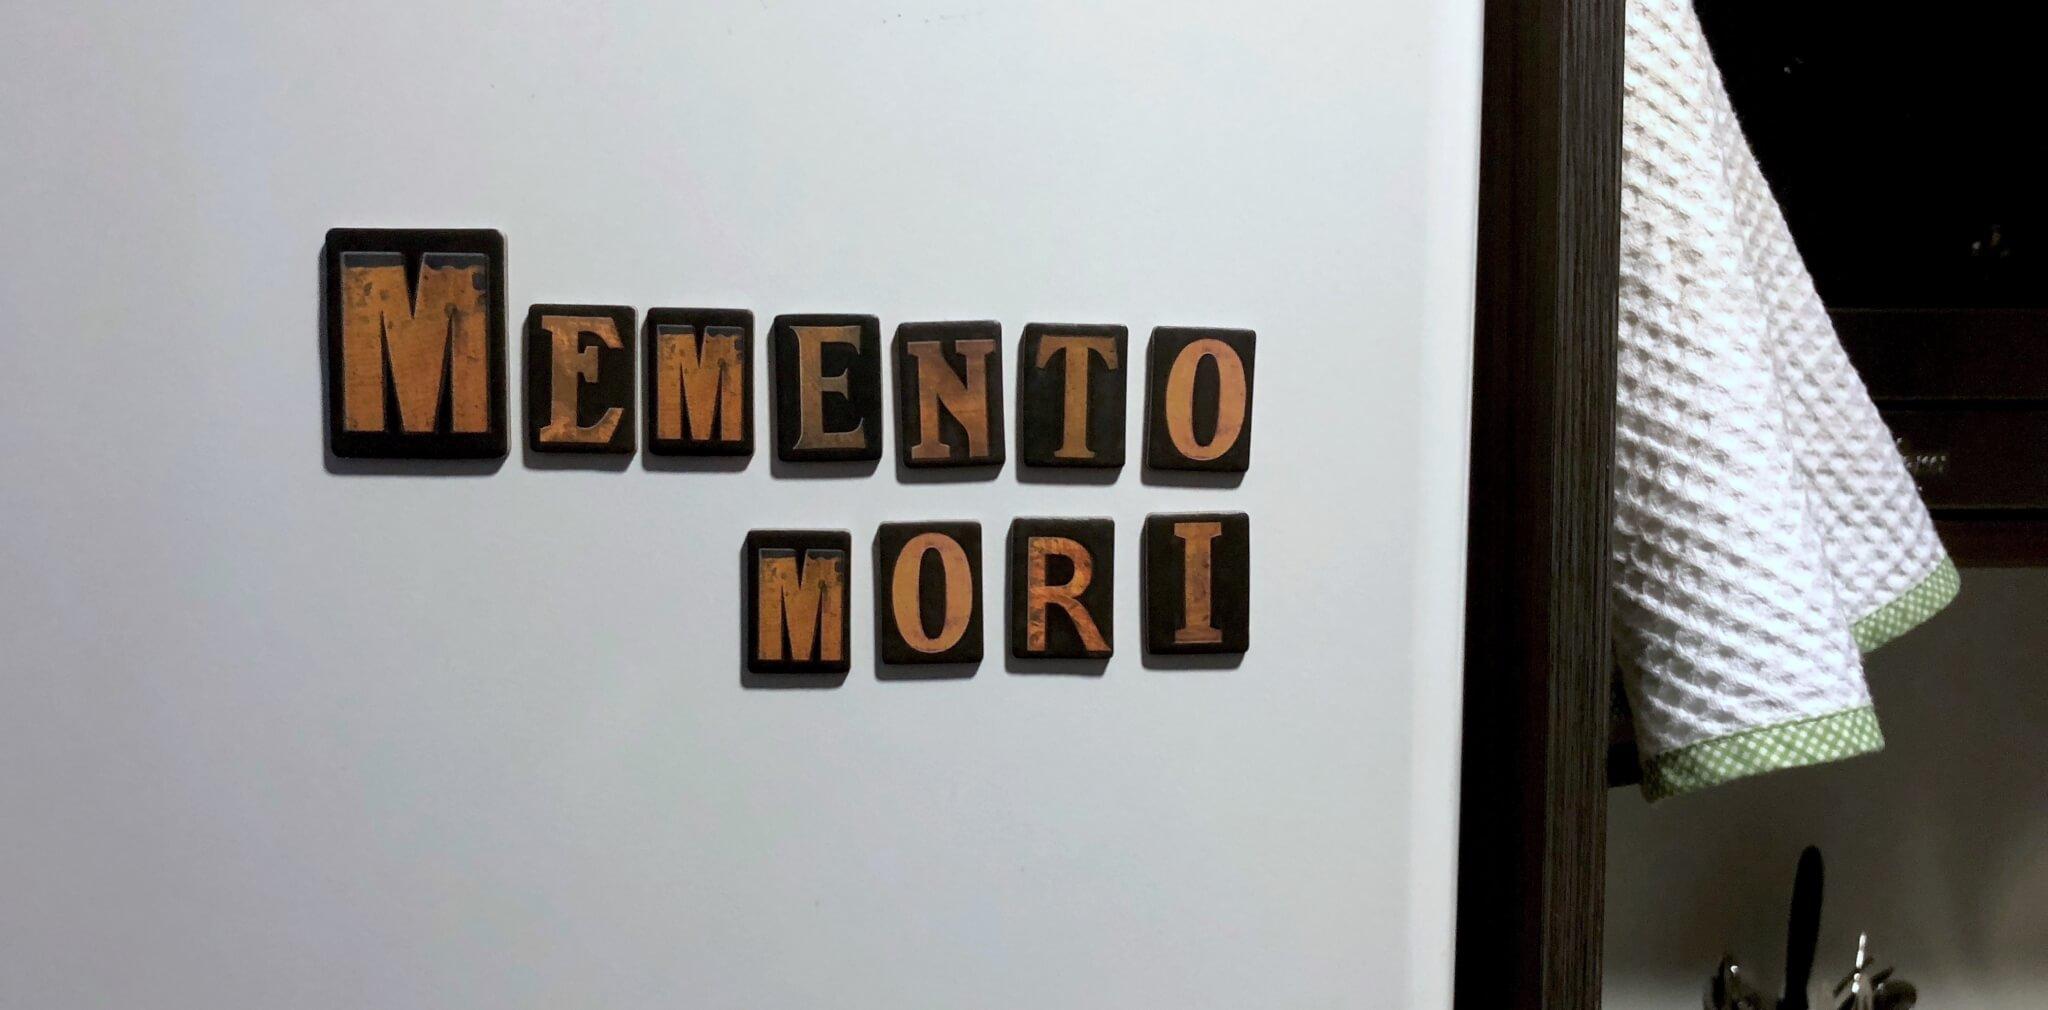 Imagen de unos imanes forman las palabras Memento mori